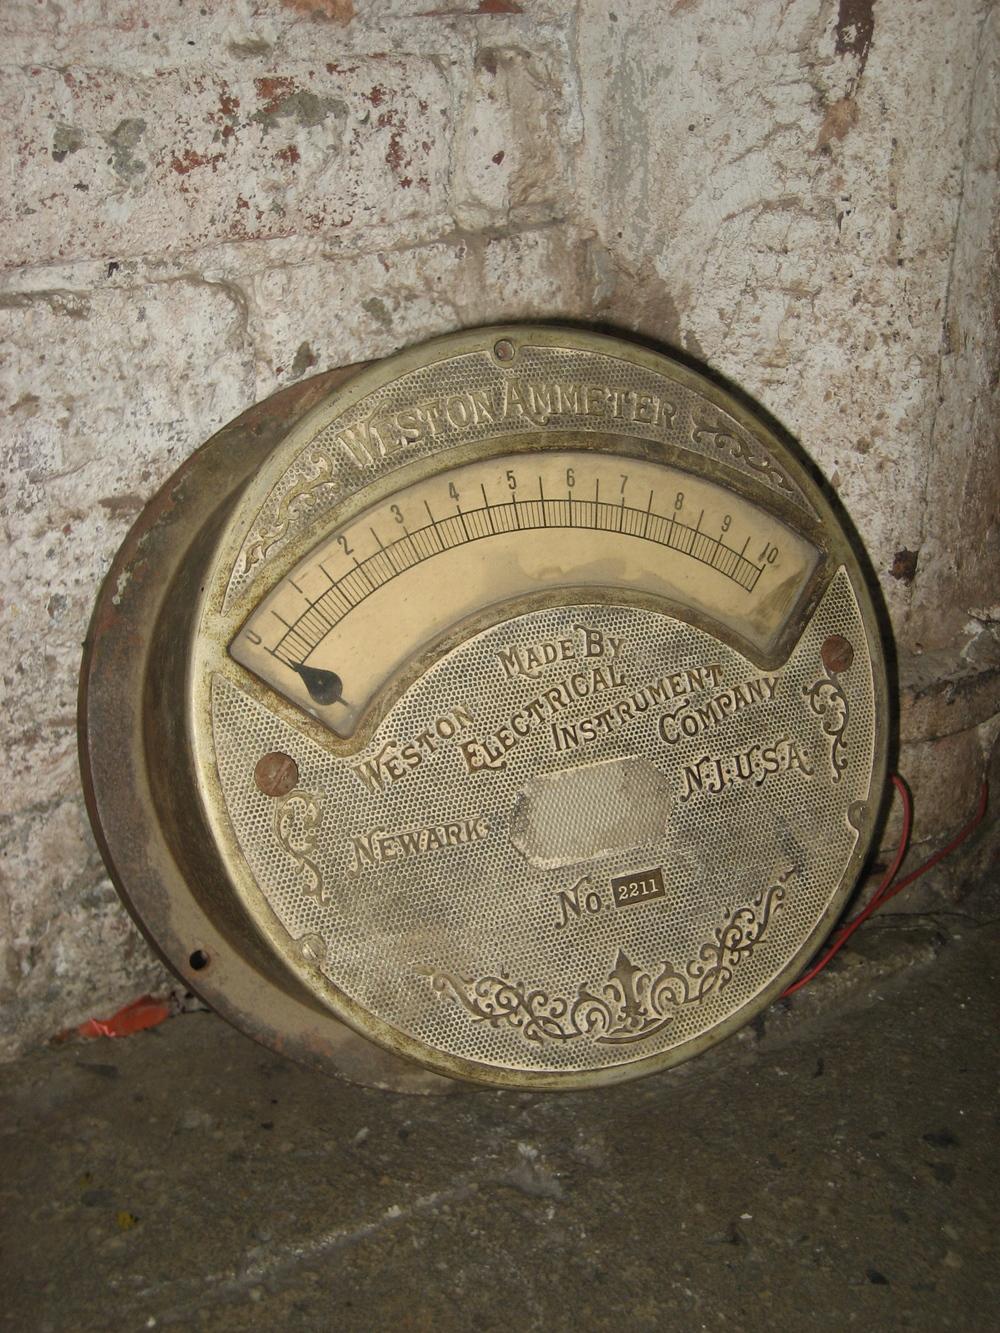 Weston Volt Meter